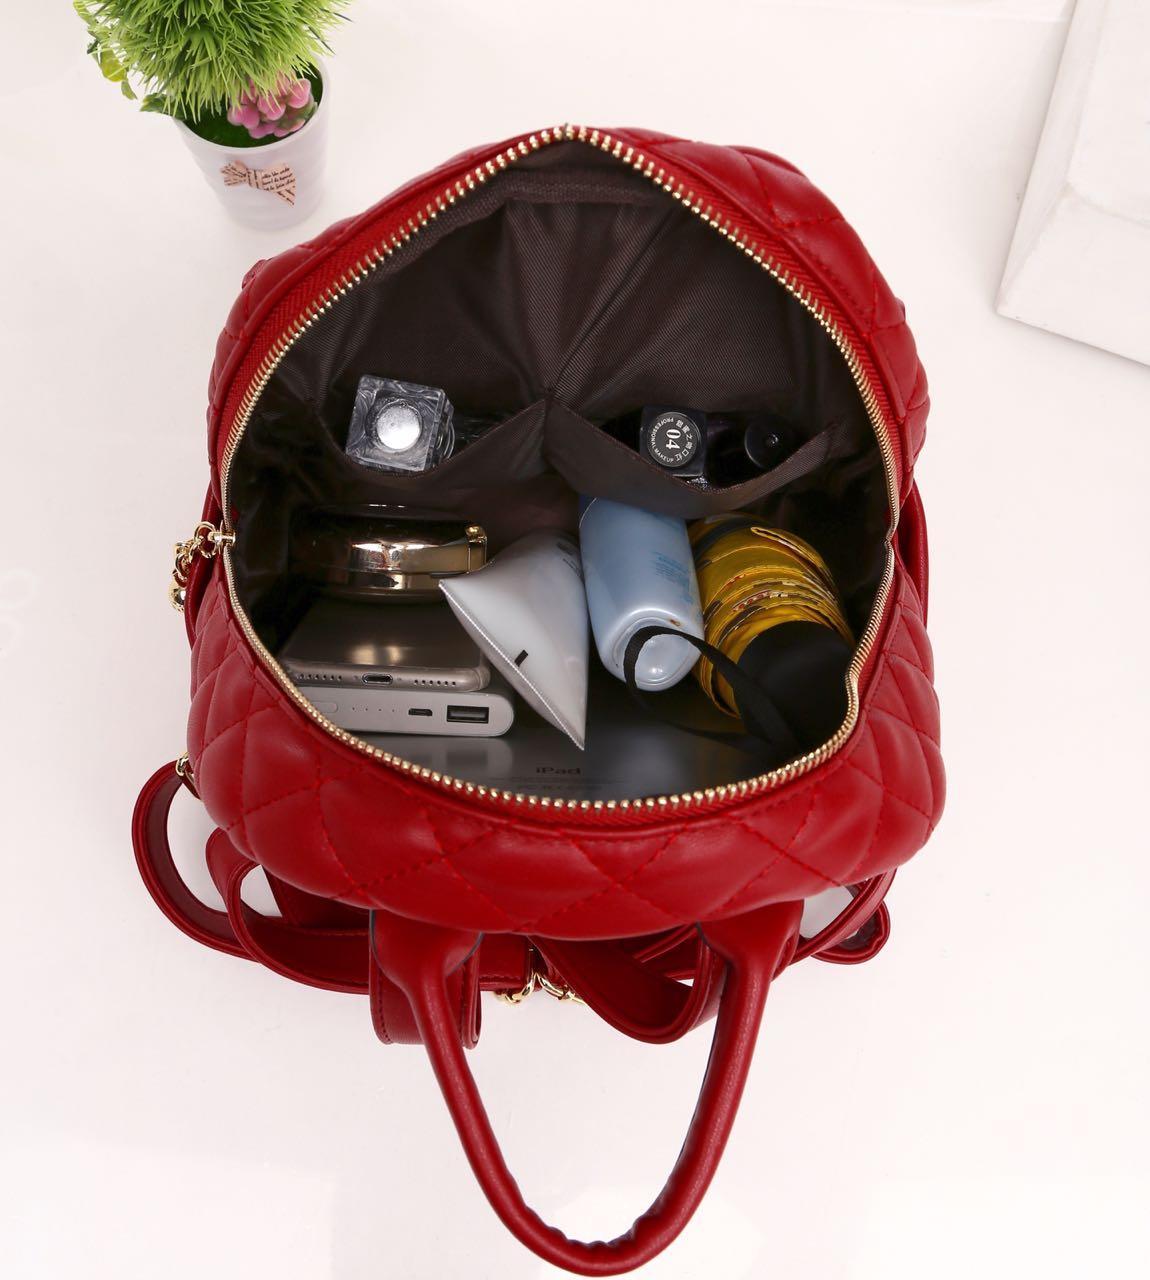 Features Backpack Chanel 527 Tas Import Branded Berkualitas Kulit 2 Fungsi Sling Bag 5